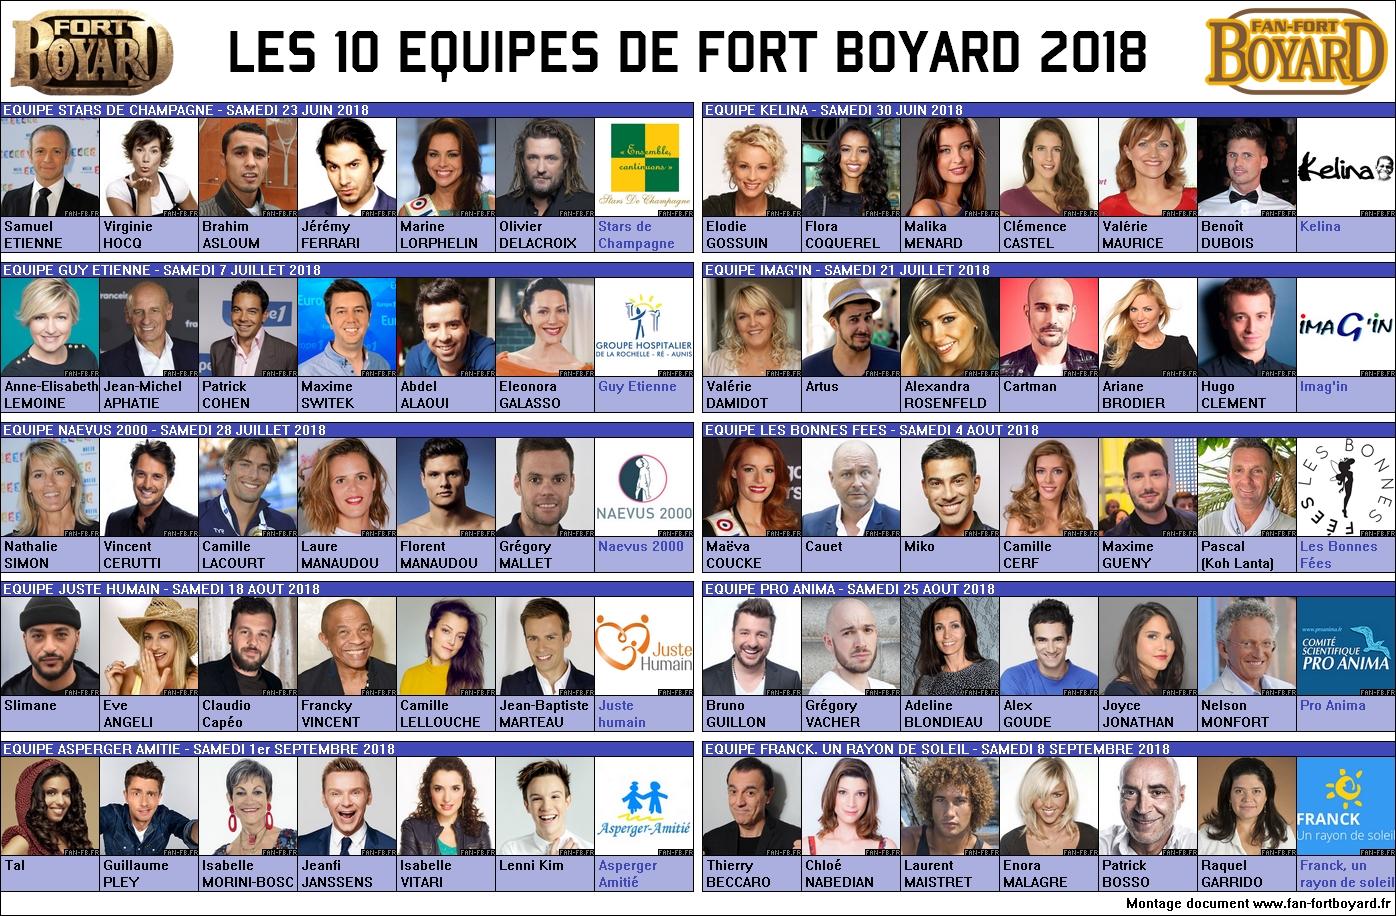 Fort Boyard 2018 - Les 10 équipes de la 29e saison